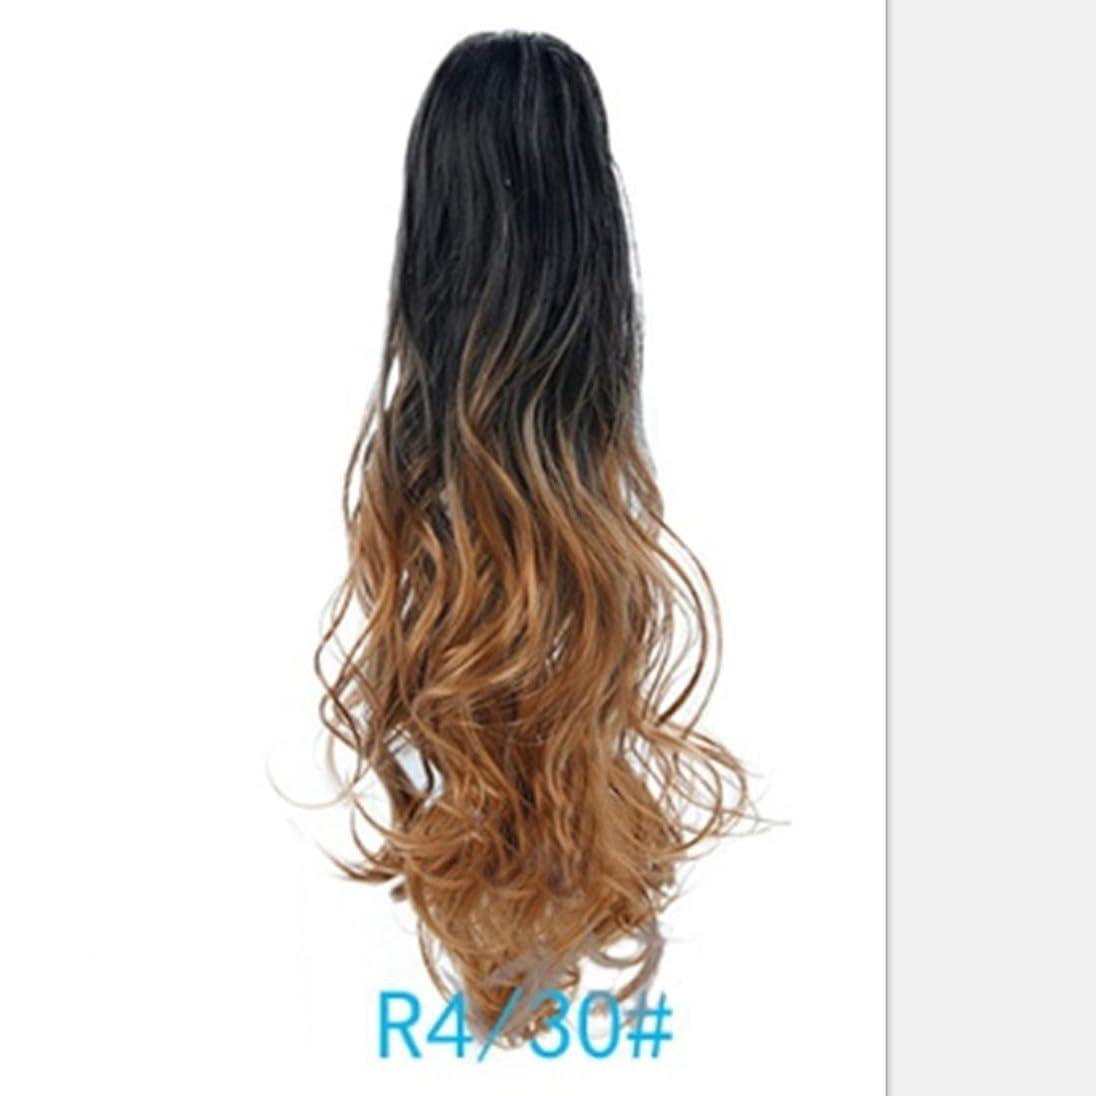 希少性大統領魅了するJIANFU ロングロール目に見えないシームレスなひげそりの髪21インチの爪のクリップポニーテールのウィッグ女性のための大きな波ロールのヘアピースカーリーポニーテールのかつら (Color : R4/30#)